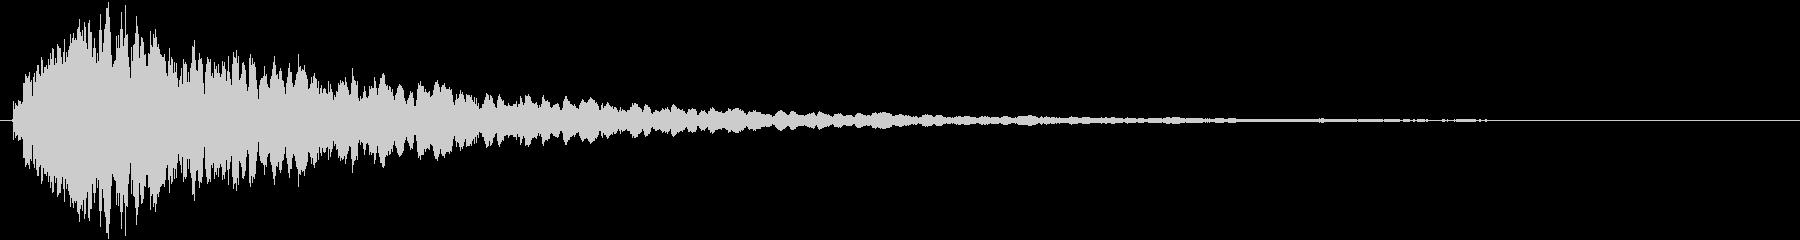 タッチ音 (シャキーン)の未再生の波形